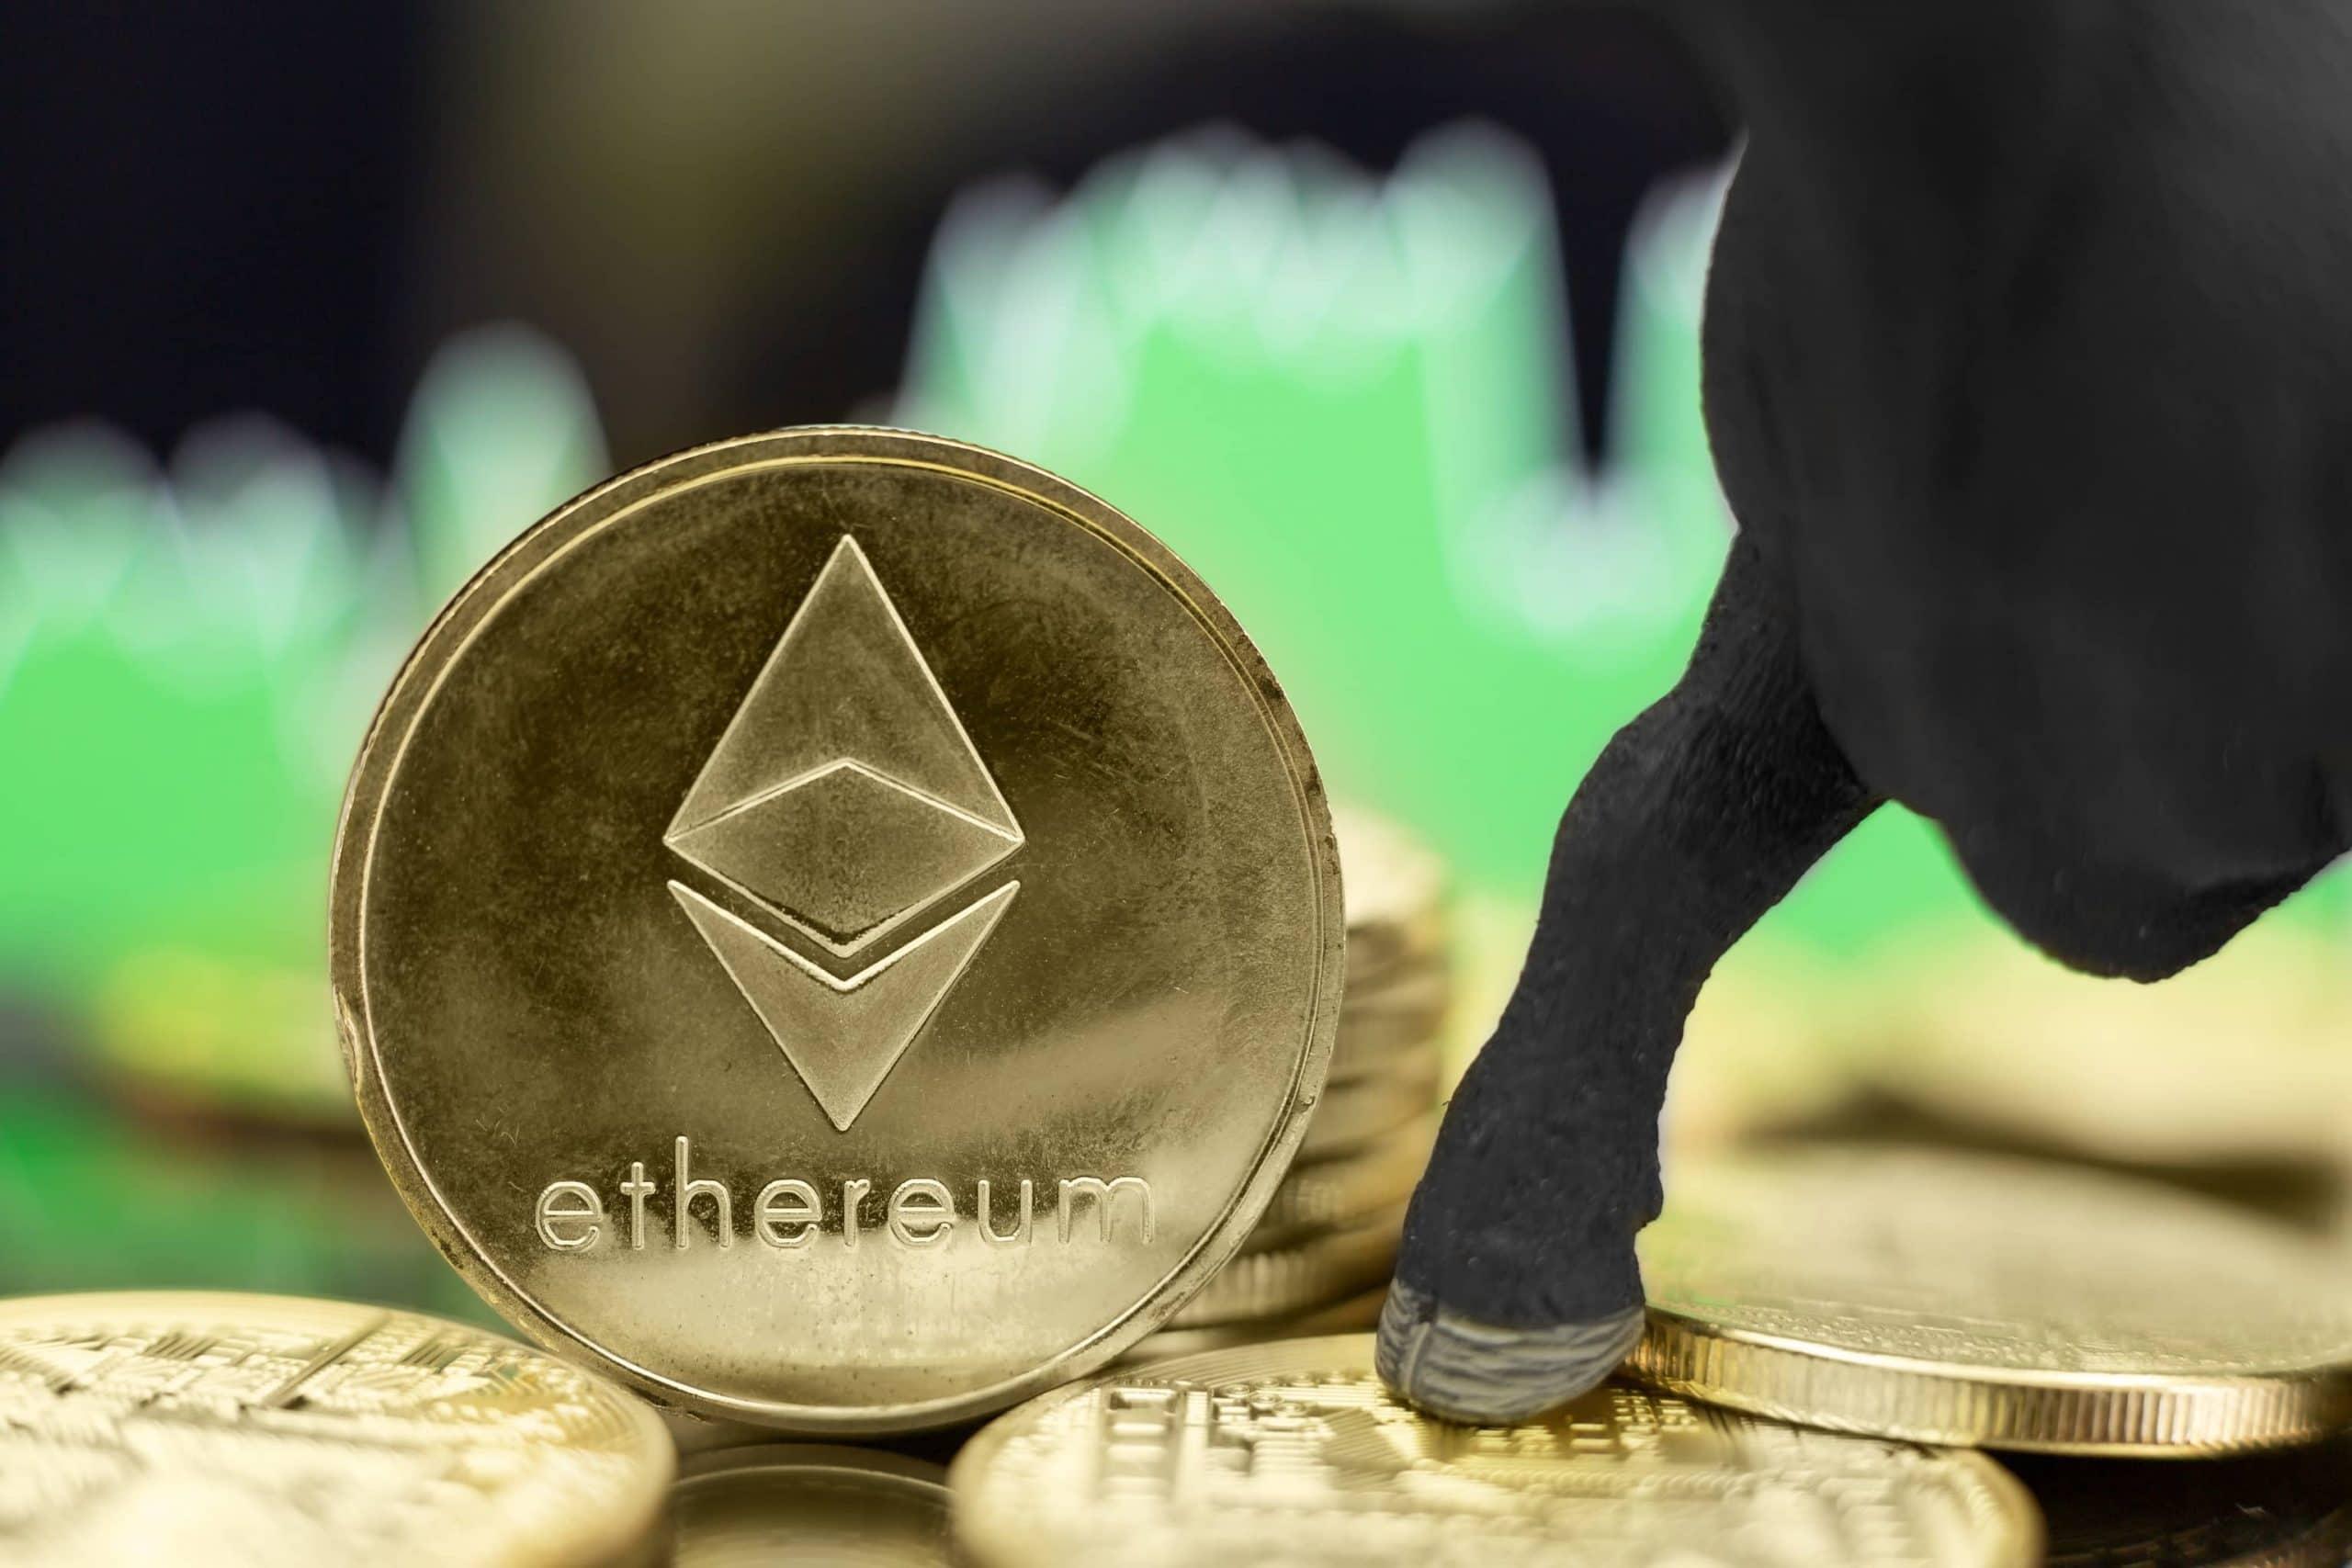 Ethereum-Münzen, darauf die hufe eines Modell-Bullen